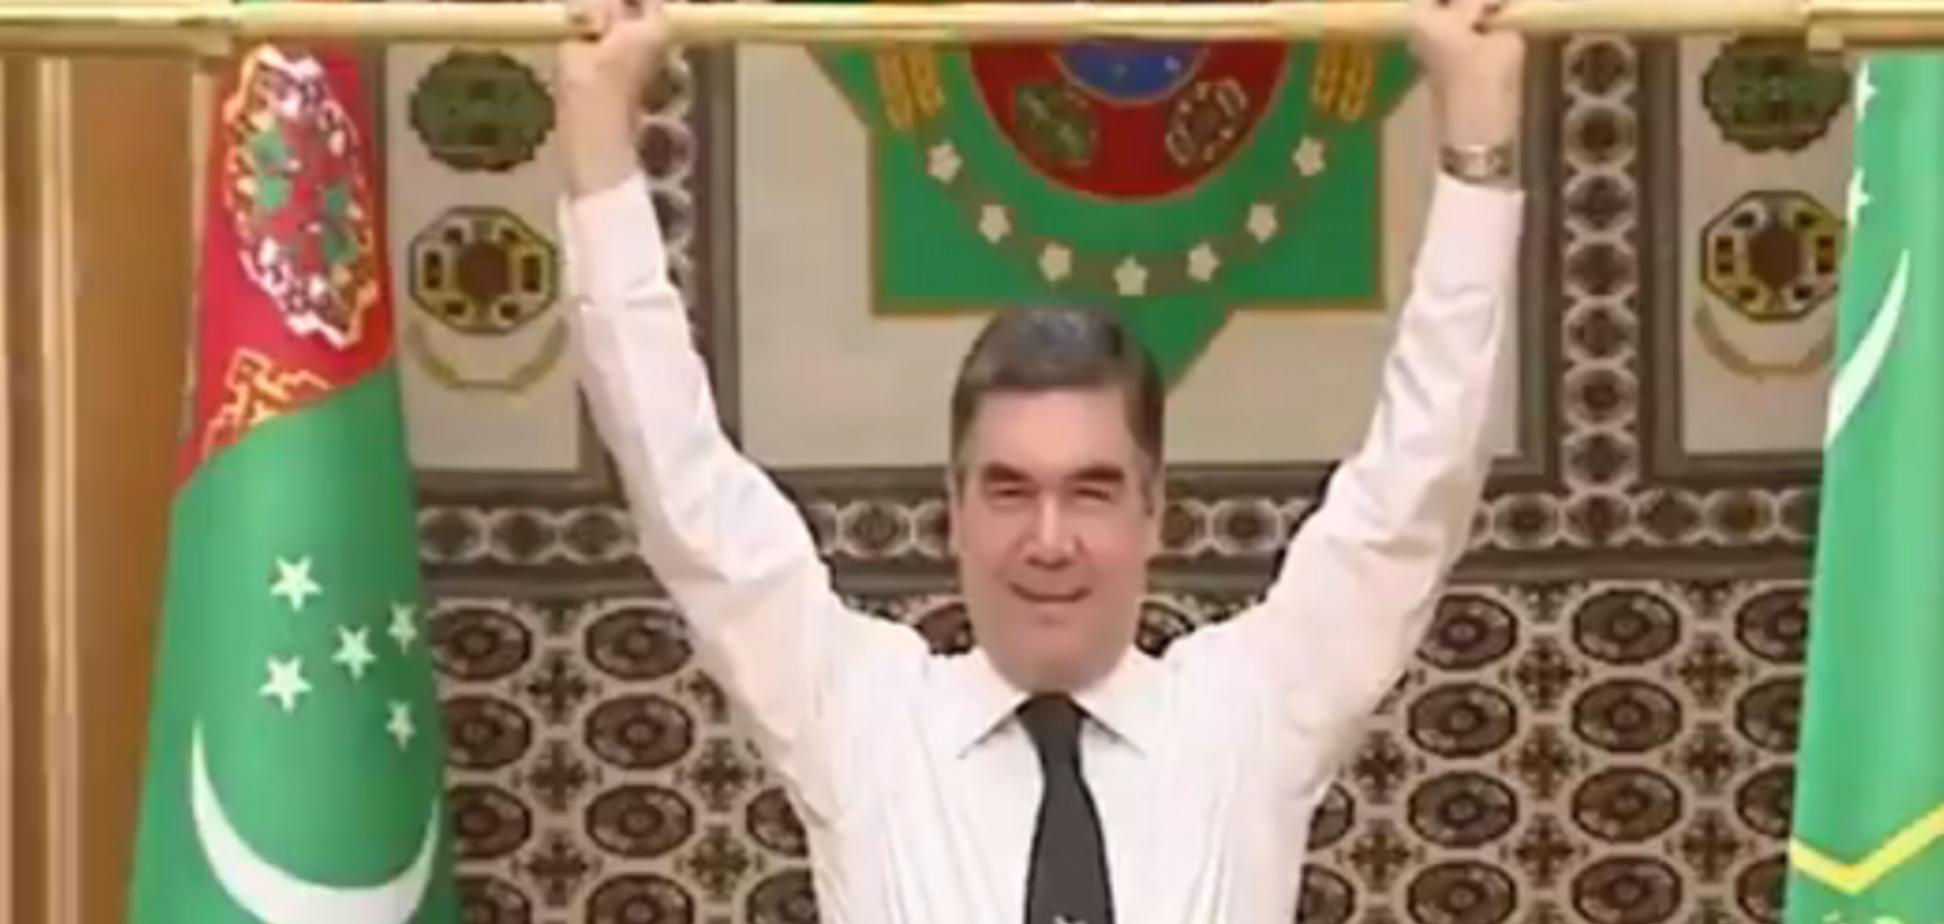 ''А Путін так може?'' Президент Туркменії здивував ''трюком'' із золотою штангою